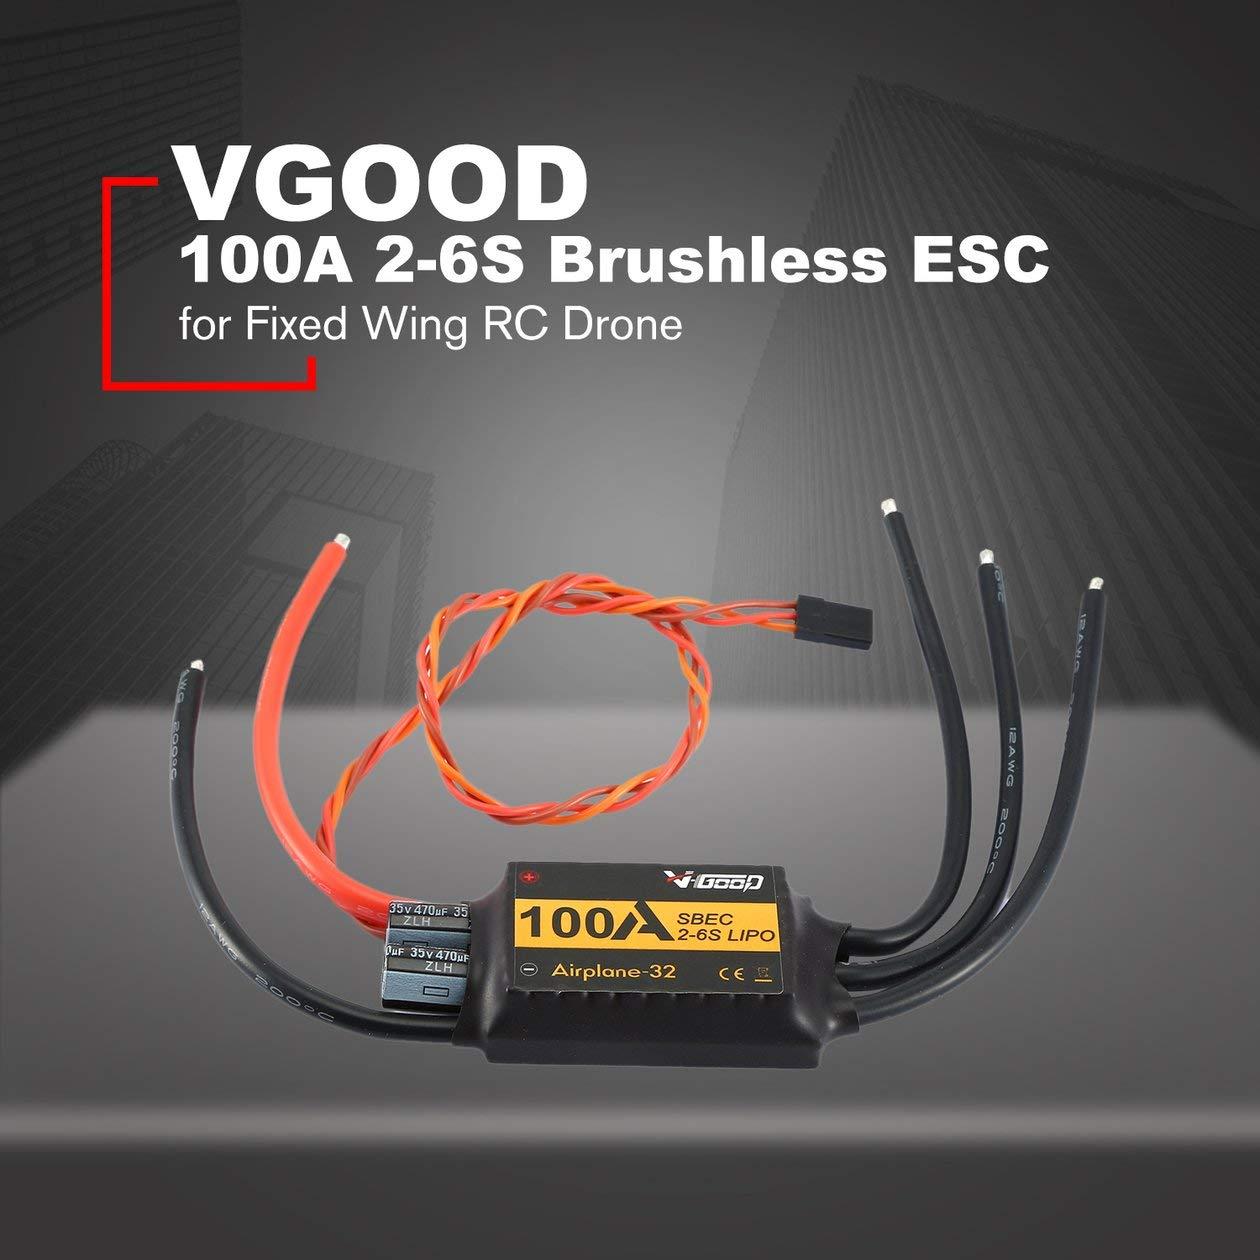 Noir HONGIRT VGOOD ESC sans Brosse 100A 2-6S Lipo 32 Bits avec 1,5 A SBEC pour Drone Avion Avion pi/èce de Rechange